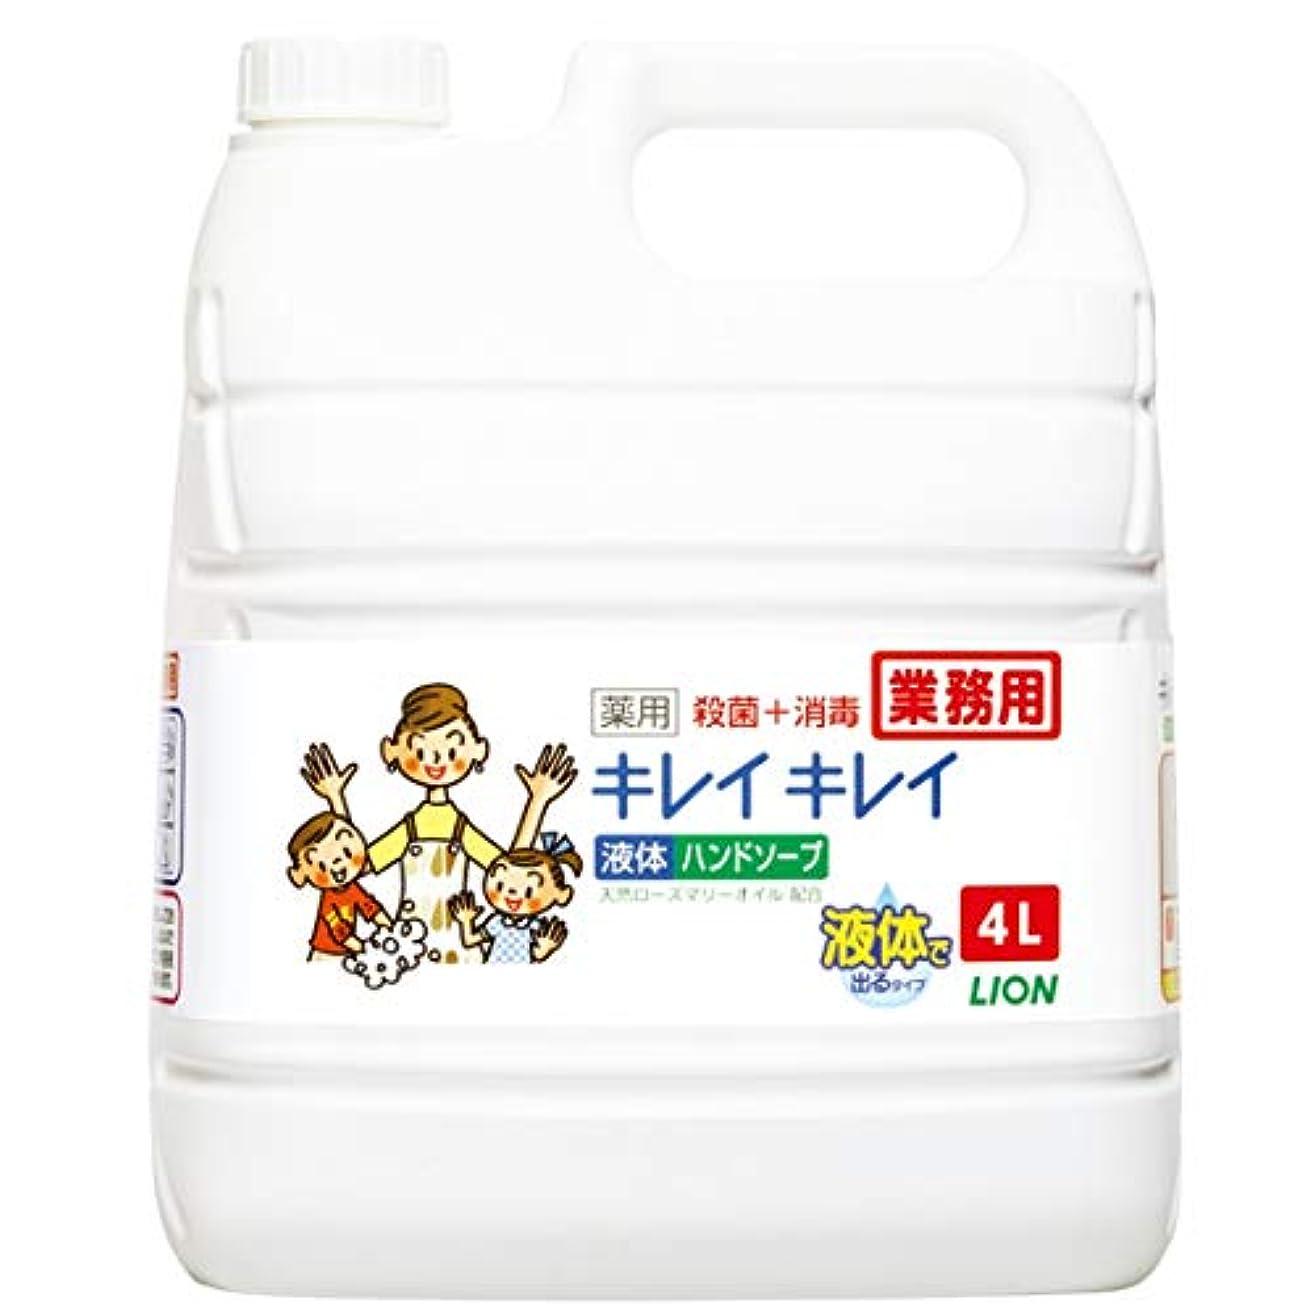 奇跡的な多様性牛【業務用 大容量】キレイキレイ 薬用 ハンドソープ (医薬部外品) 単品 4L